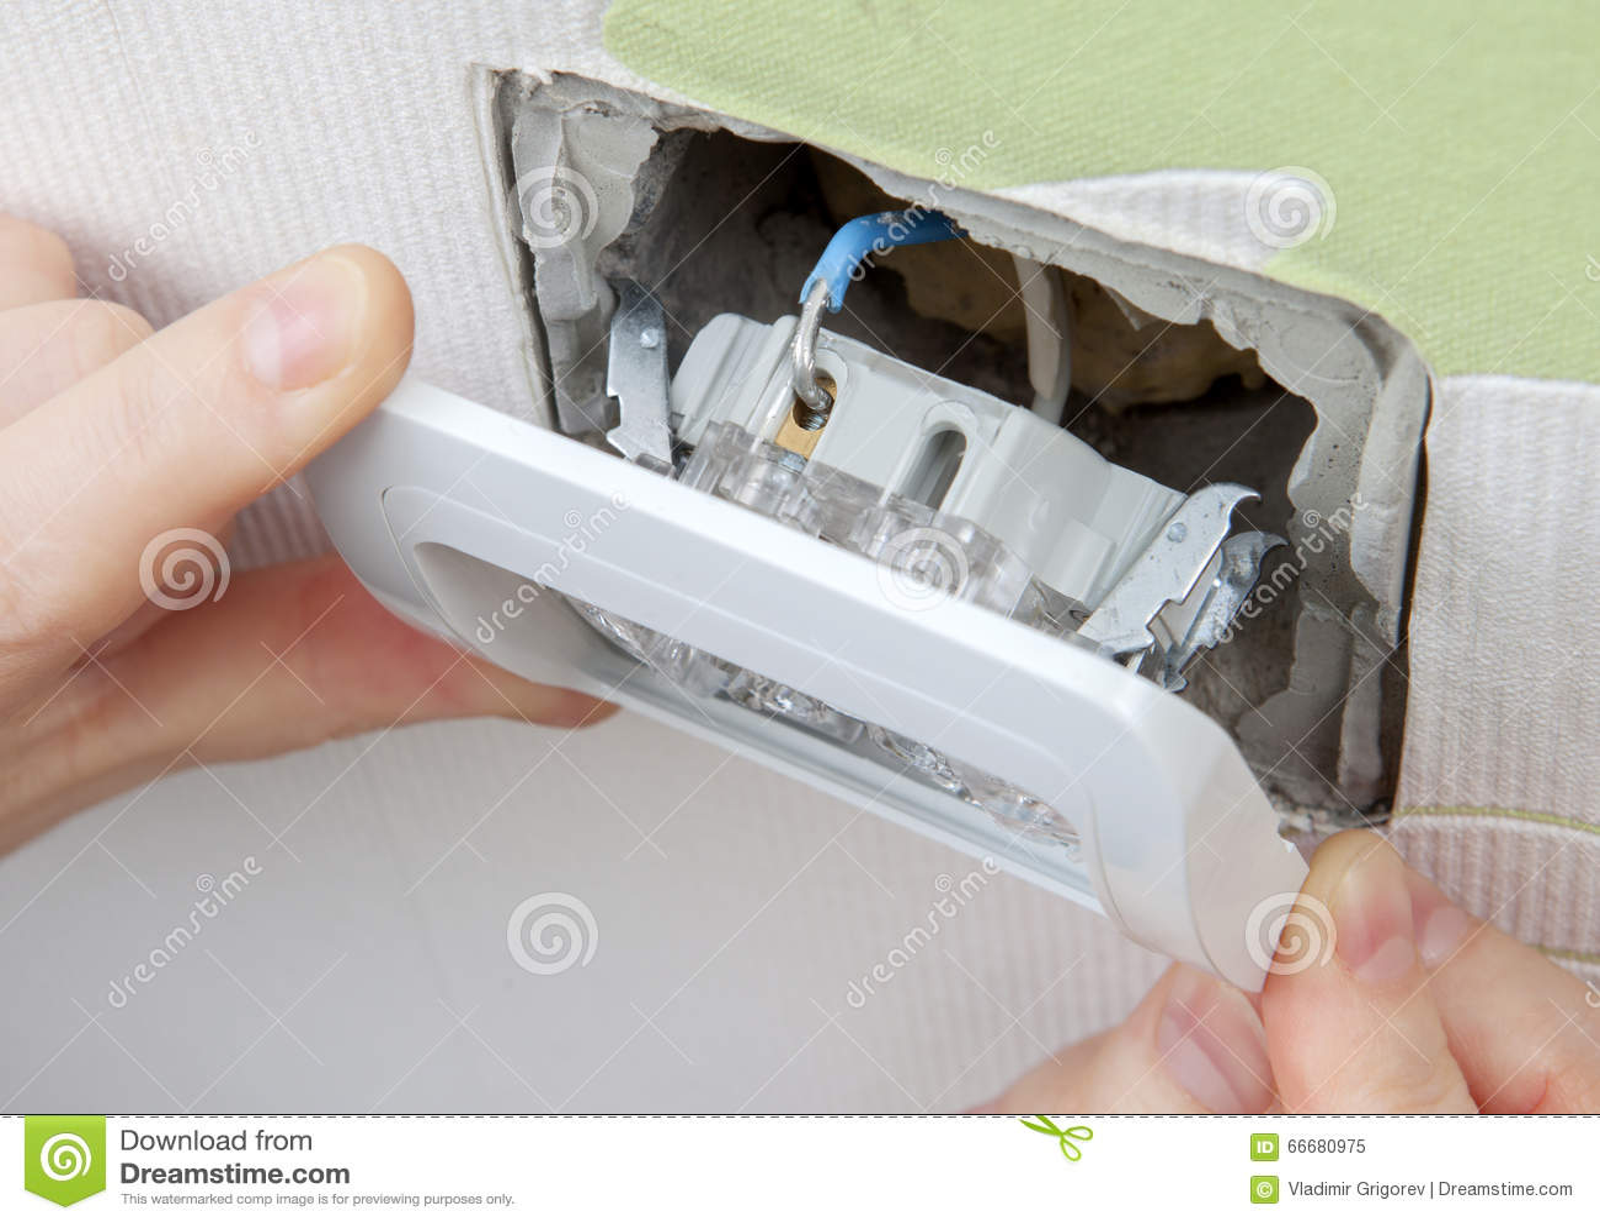 Installieren Sie Wandleuchteschalter Einsatz In Elektrischen Kasten ...